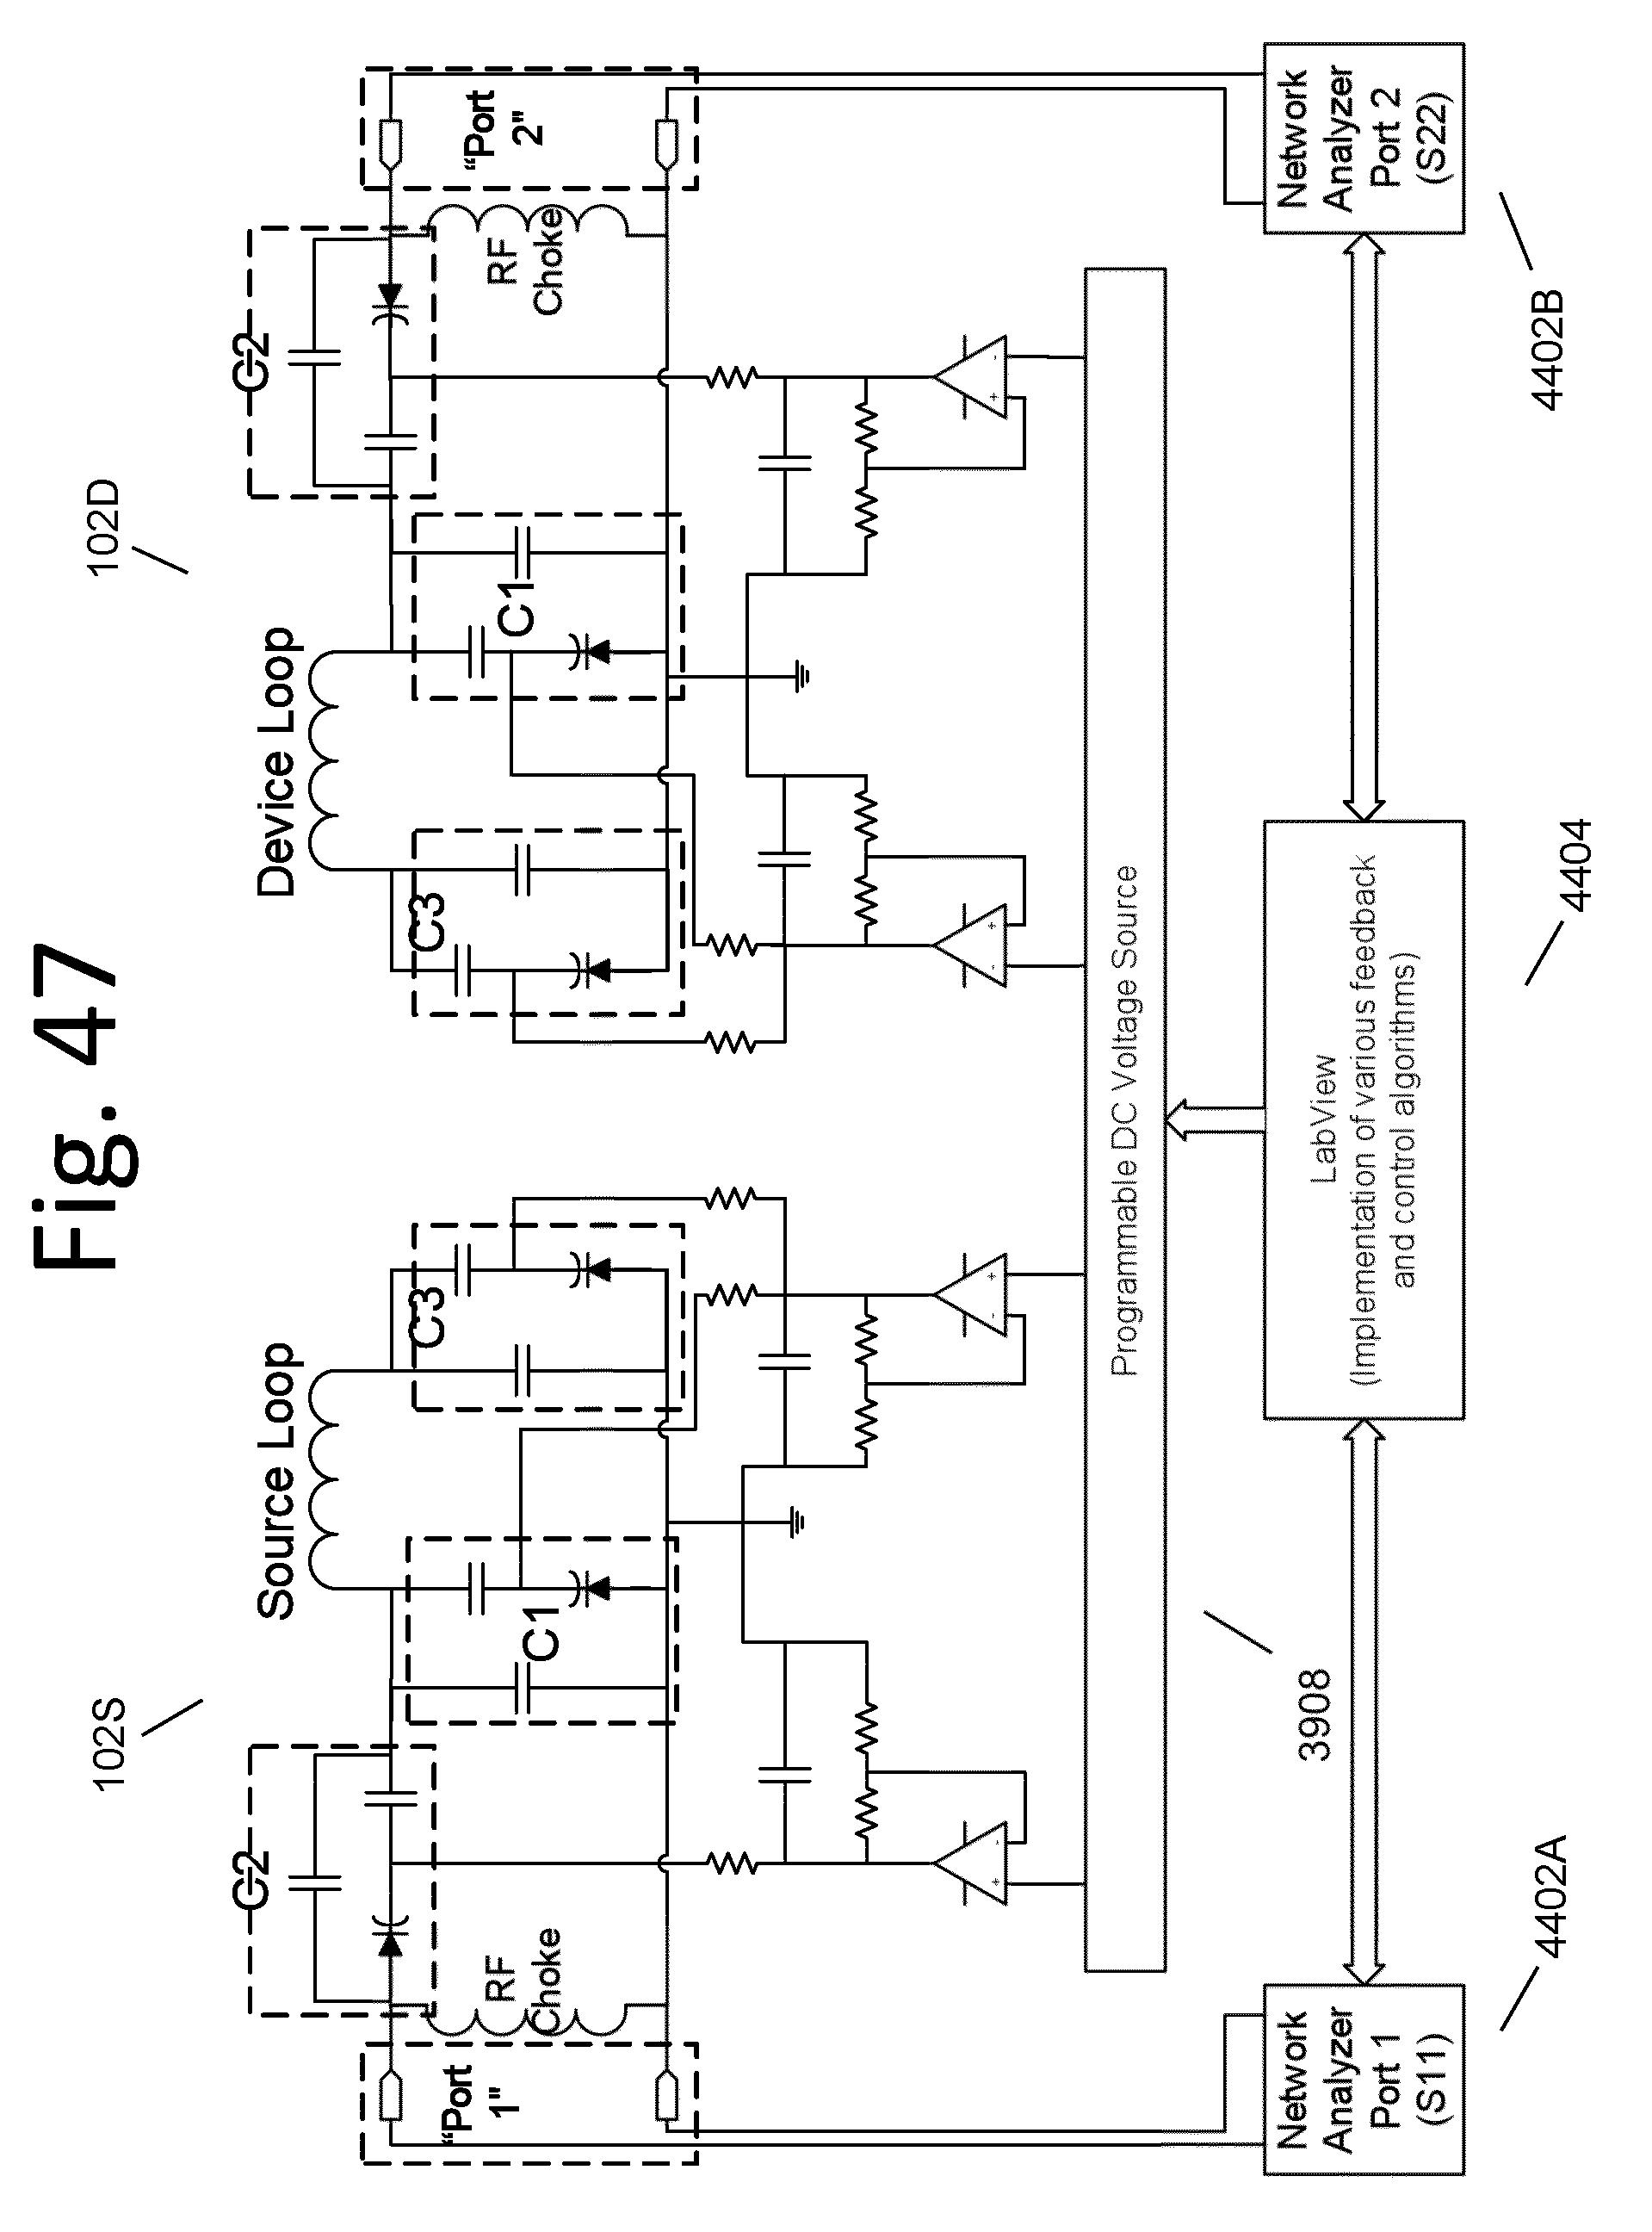 patent us20100171368